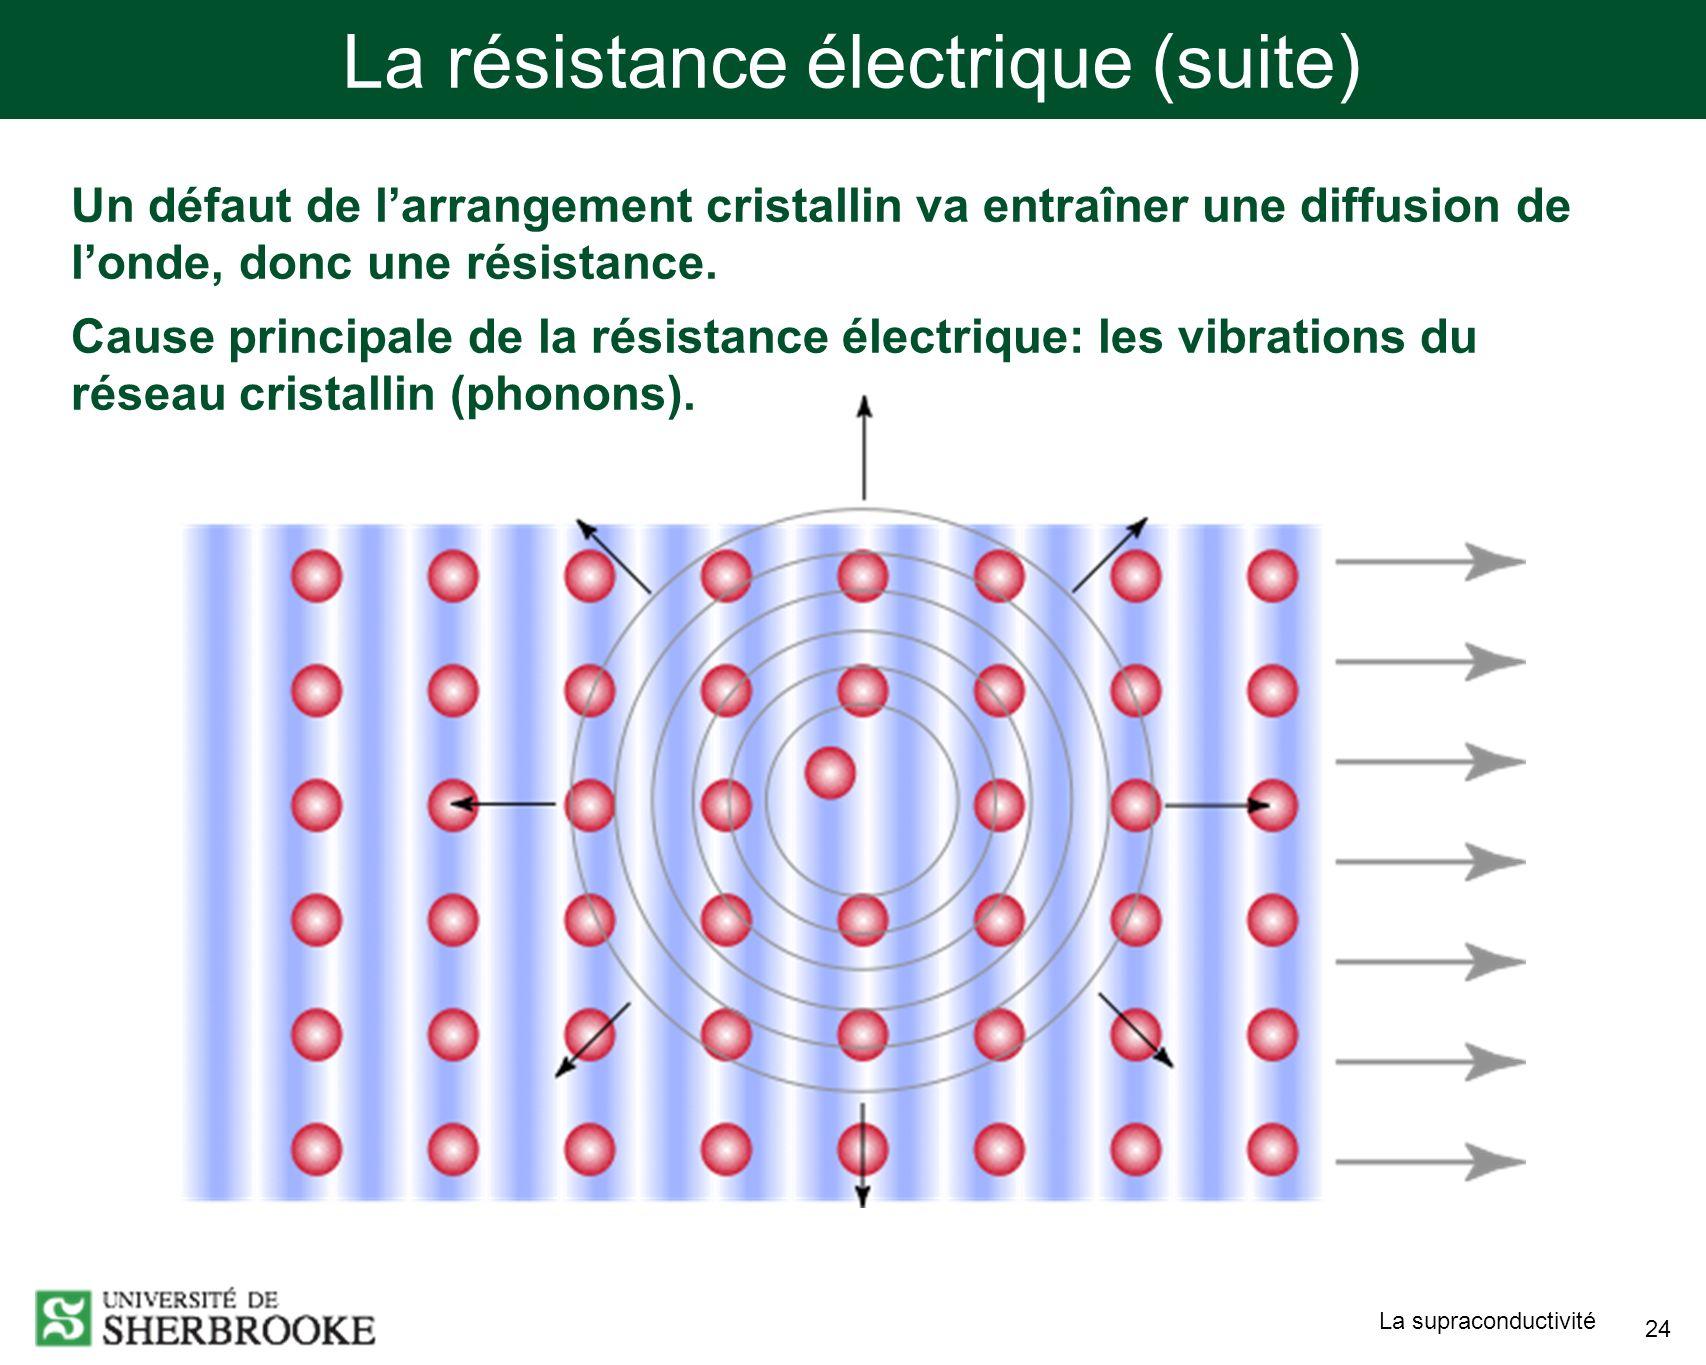 La résistance électrique (suite)